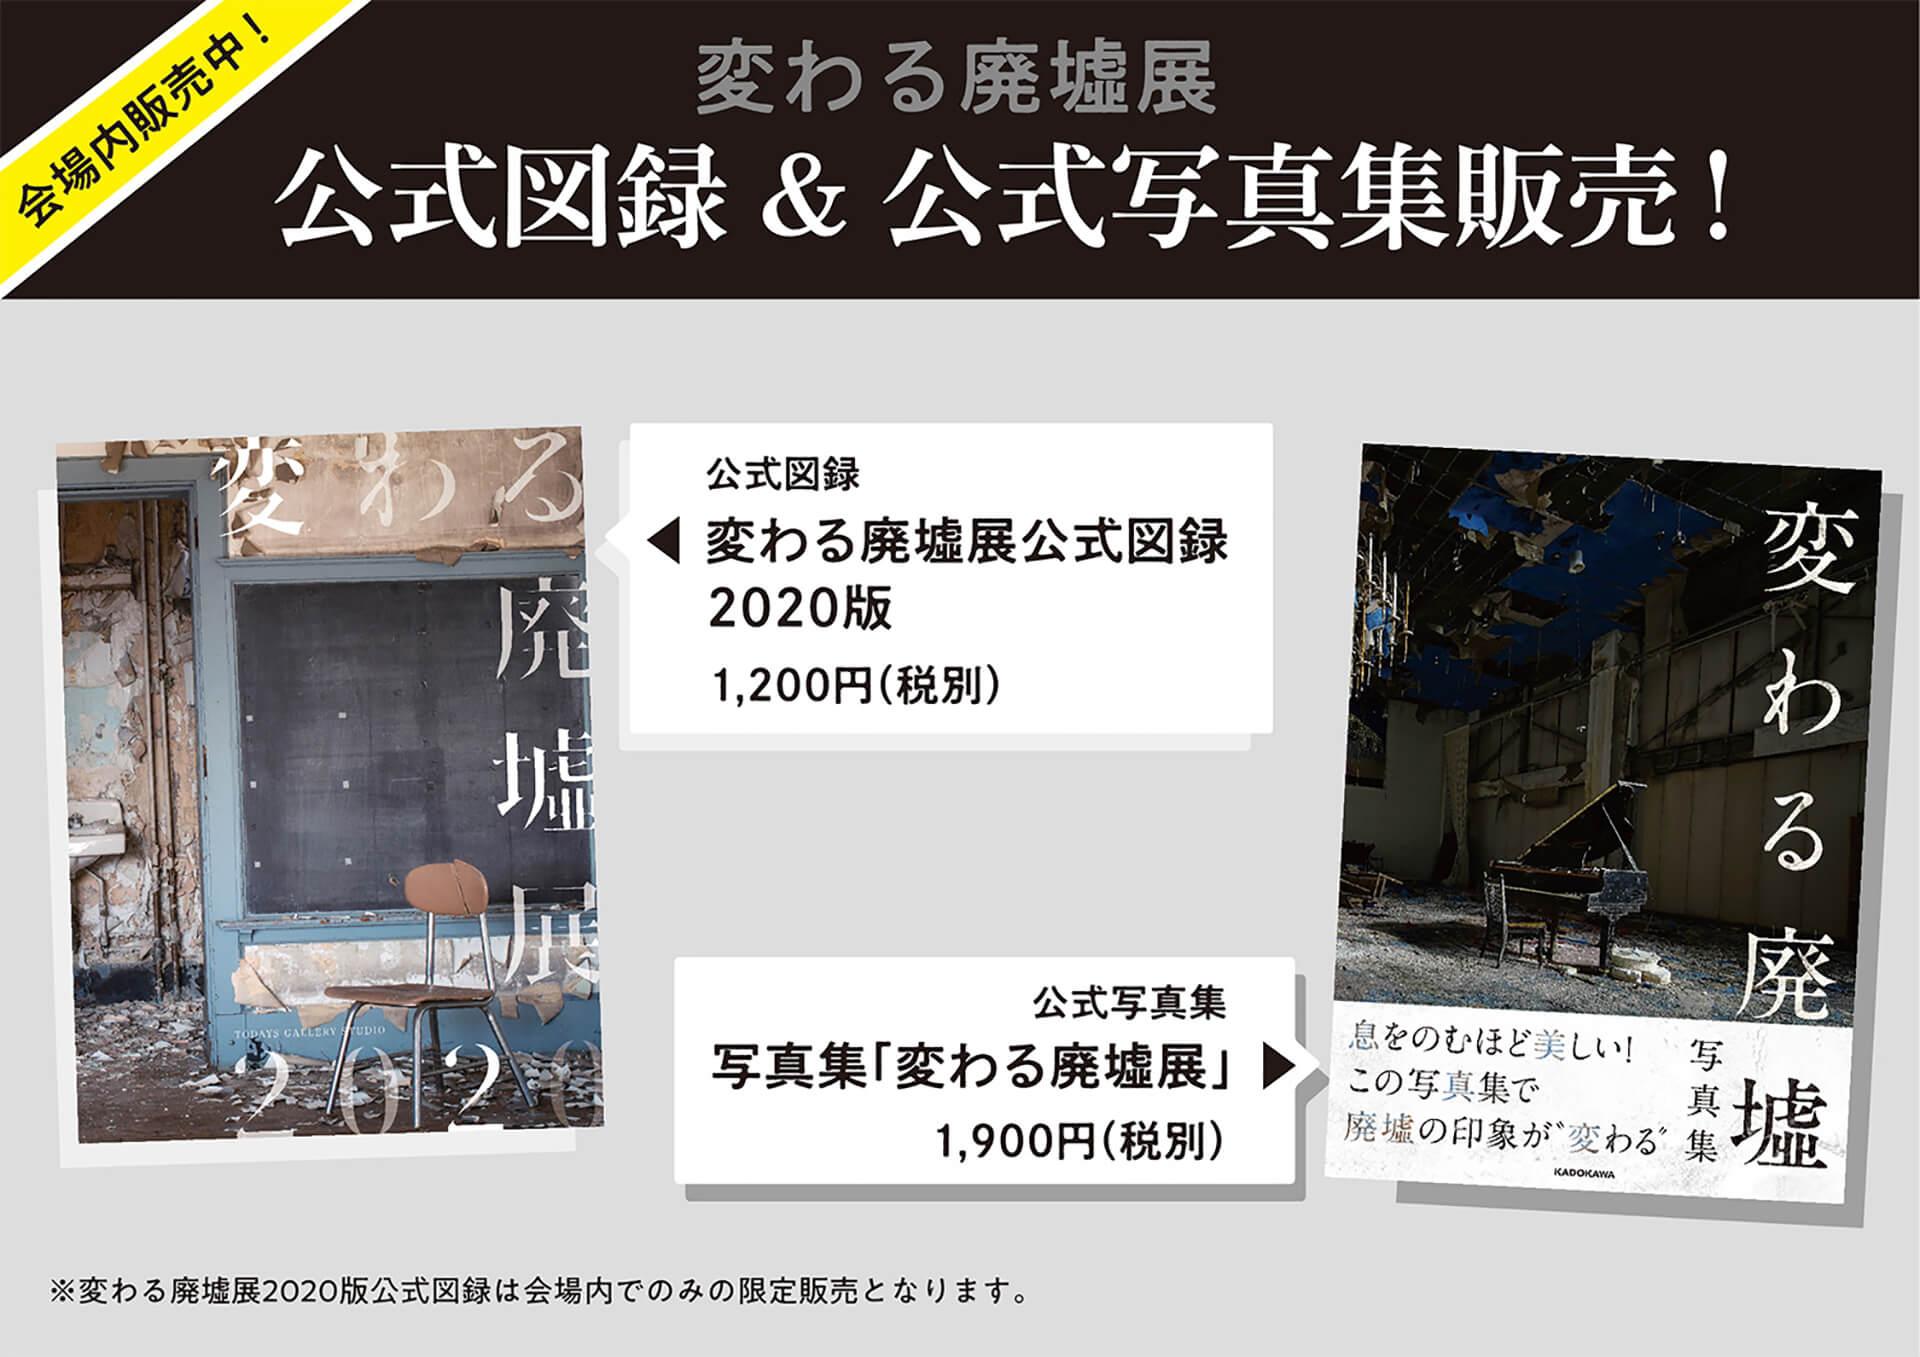 変わる廃墟展 2020・物販目録